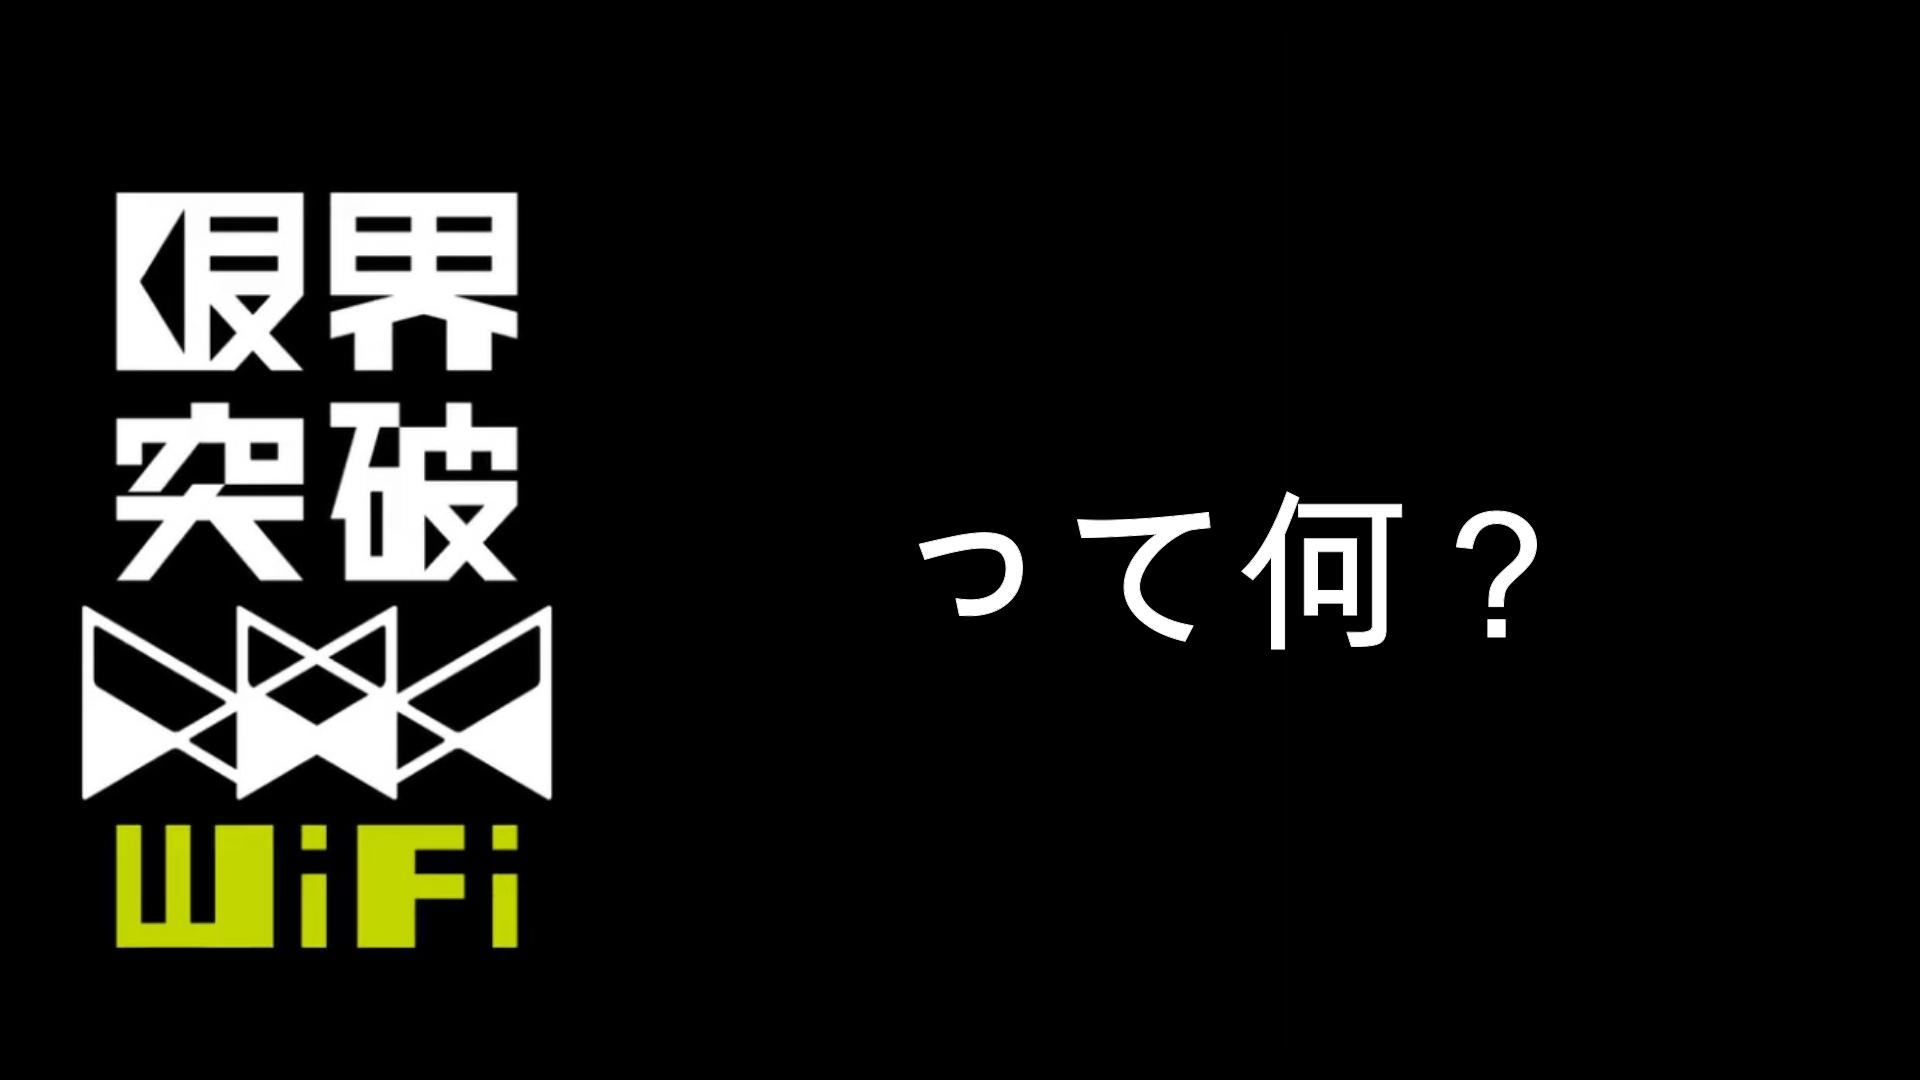 限界突破Wifi レンタル